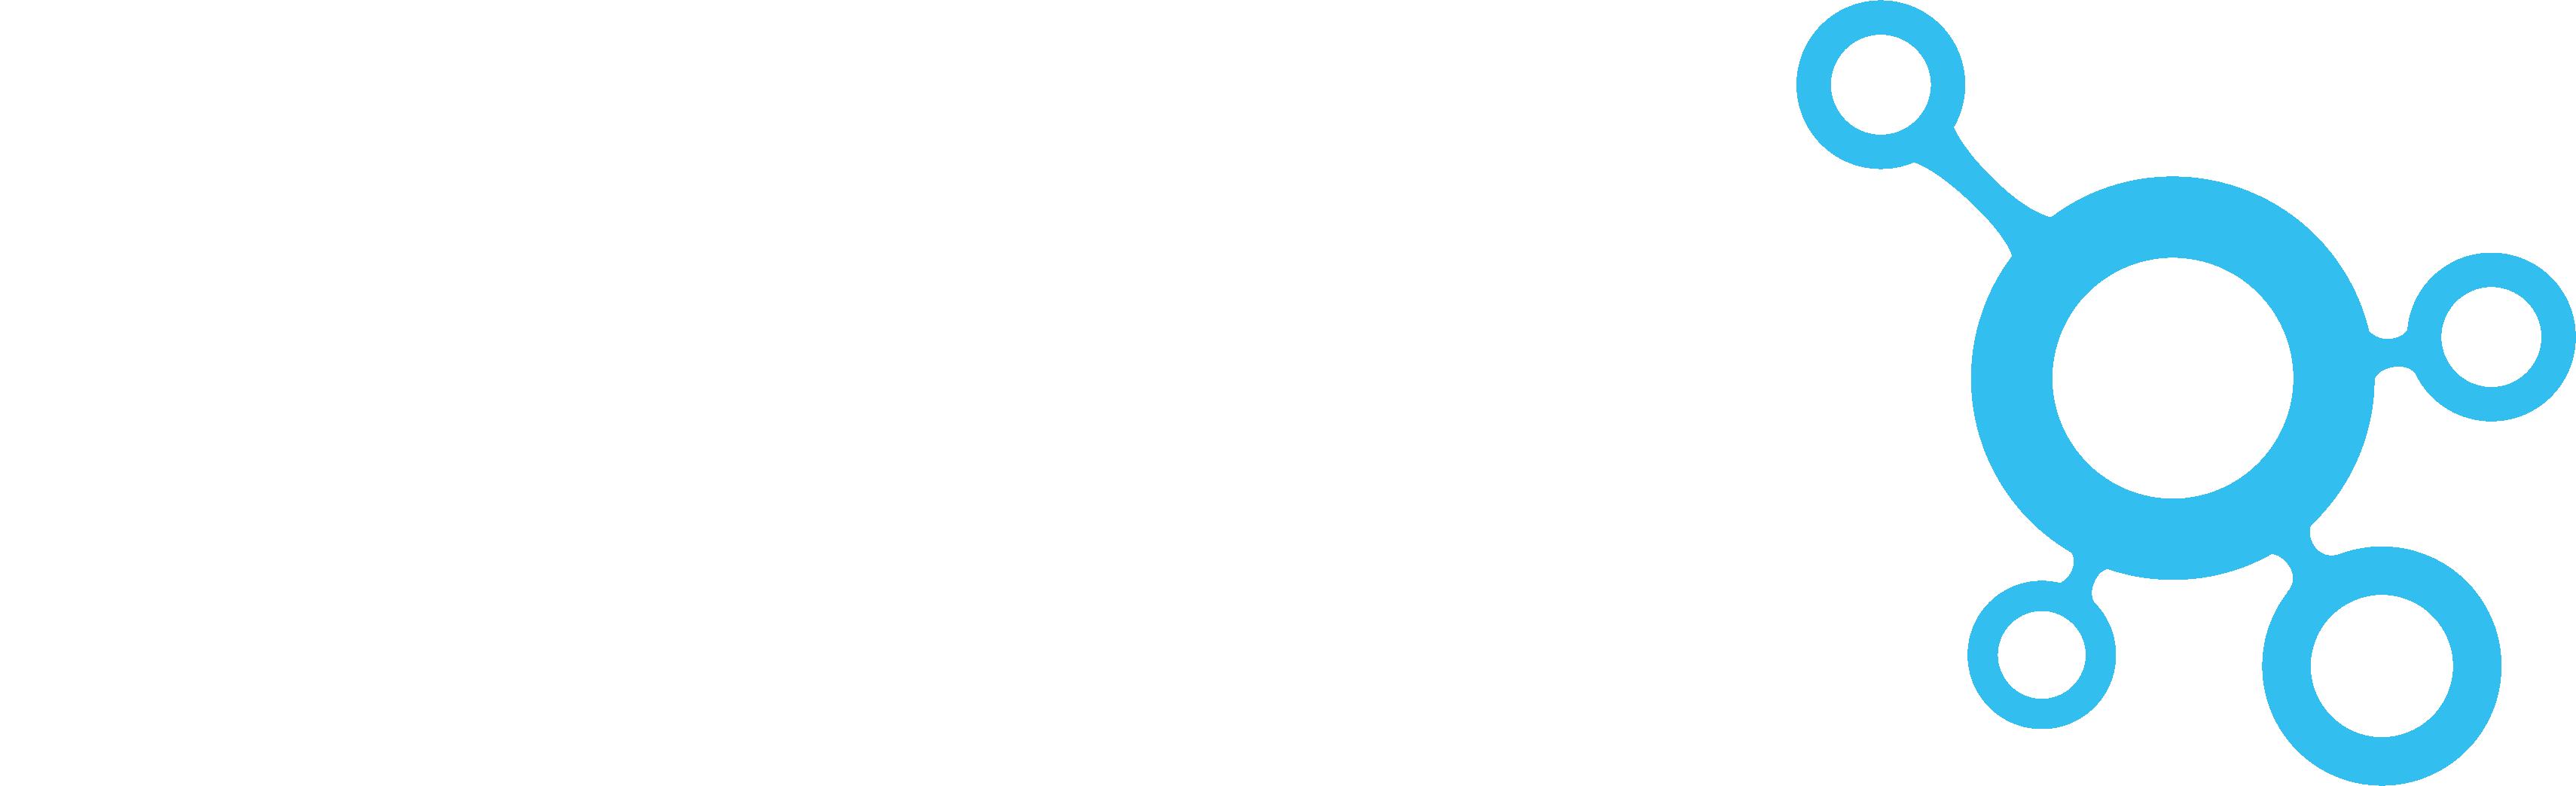 Metricio